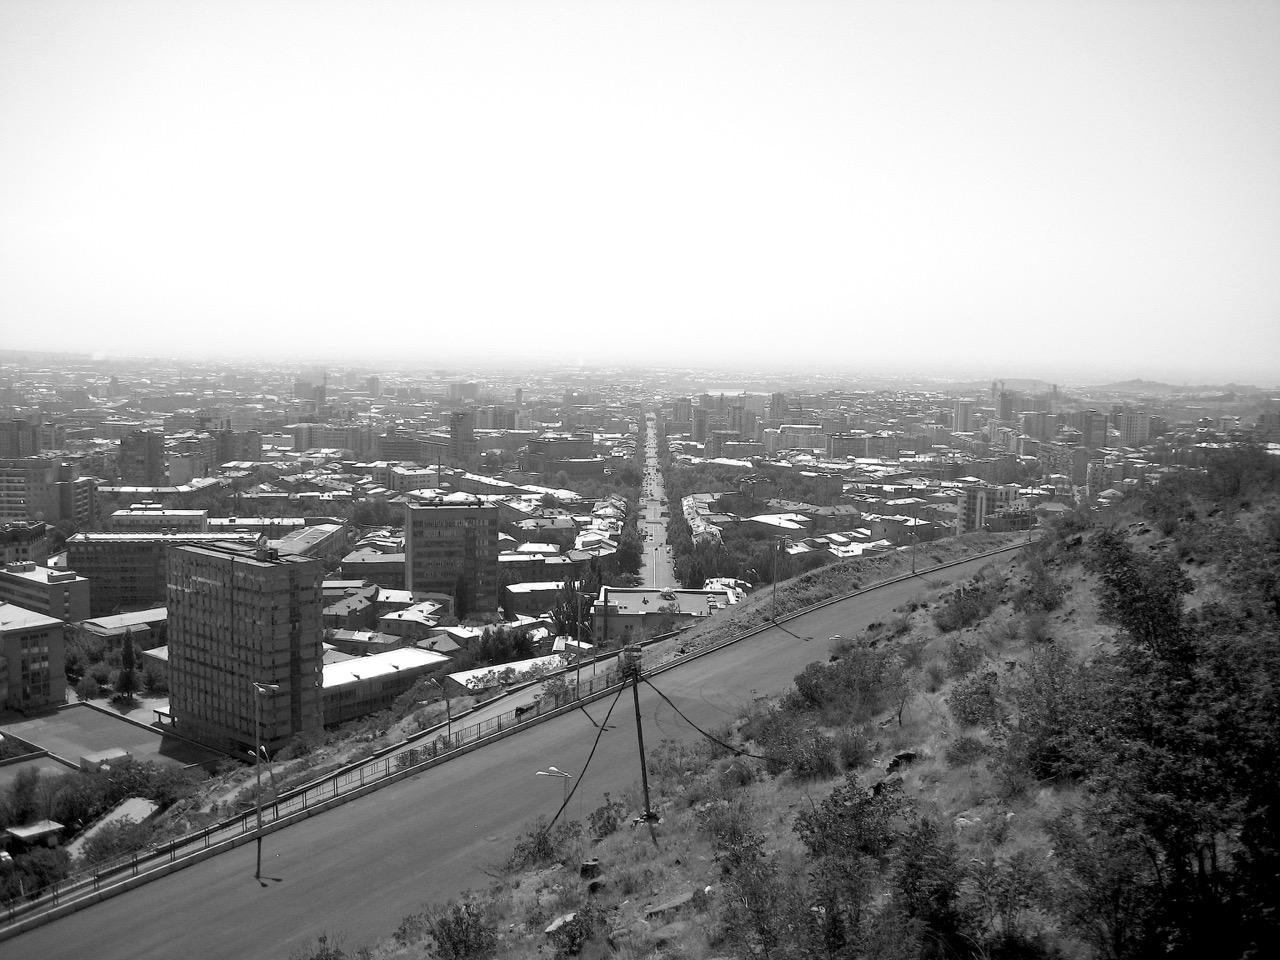 Foto: Mashtots. Aus: Eriwan. Kapitel 6. Aufzeichnungen aus Armenien von Marc Degens.